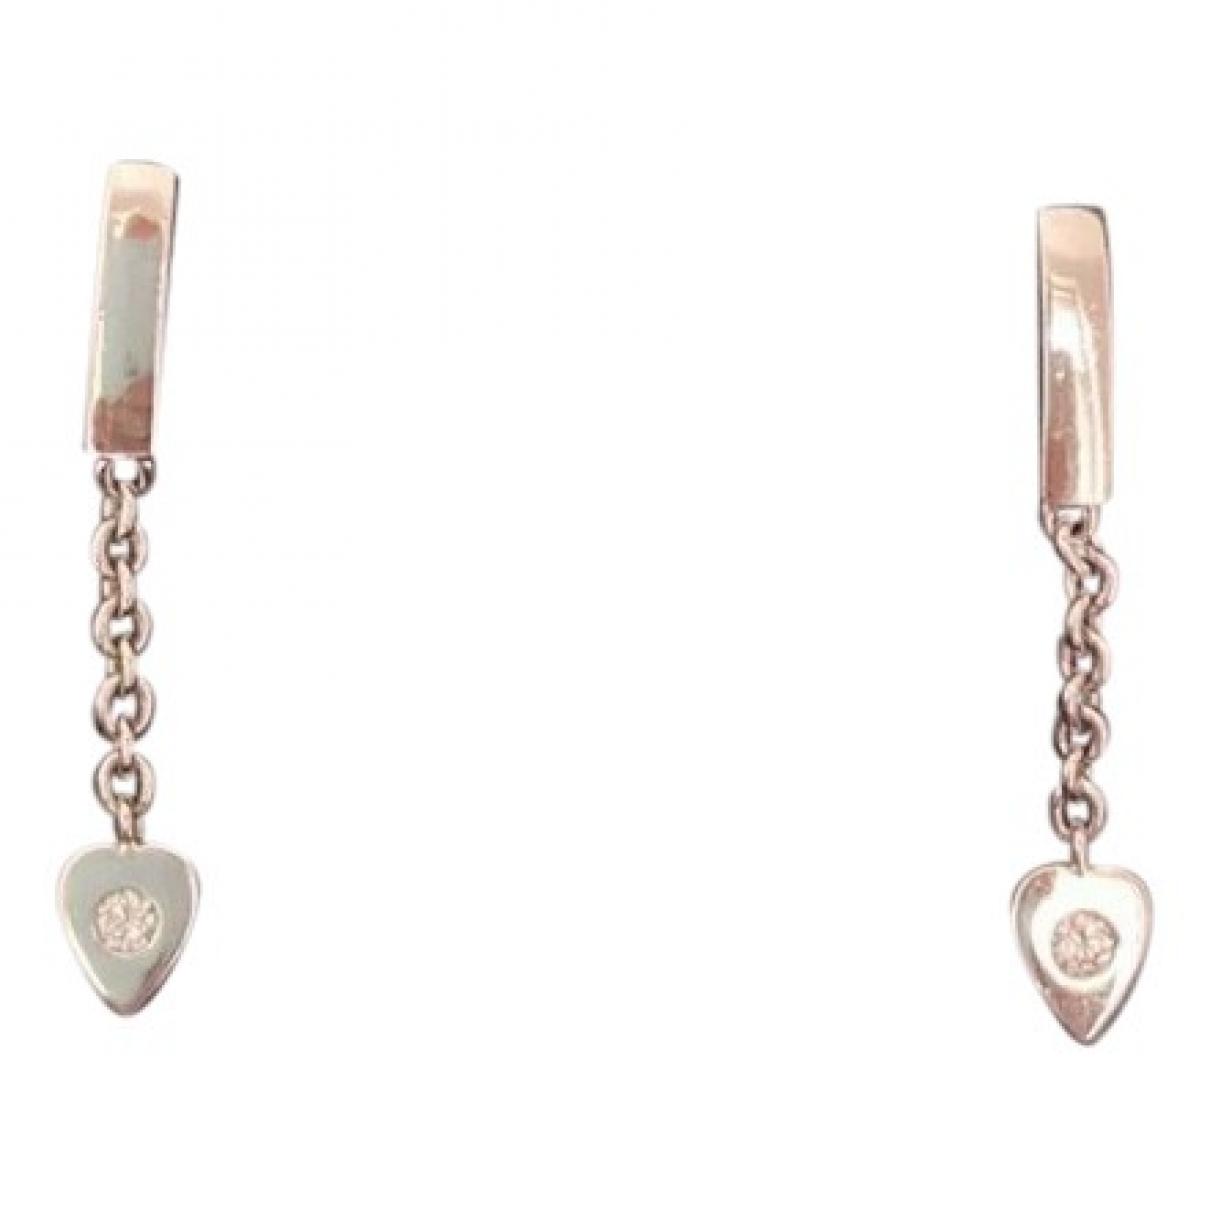 Cartier - Boucles d'oreilles   pour femme en or blanc - argente